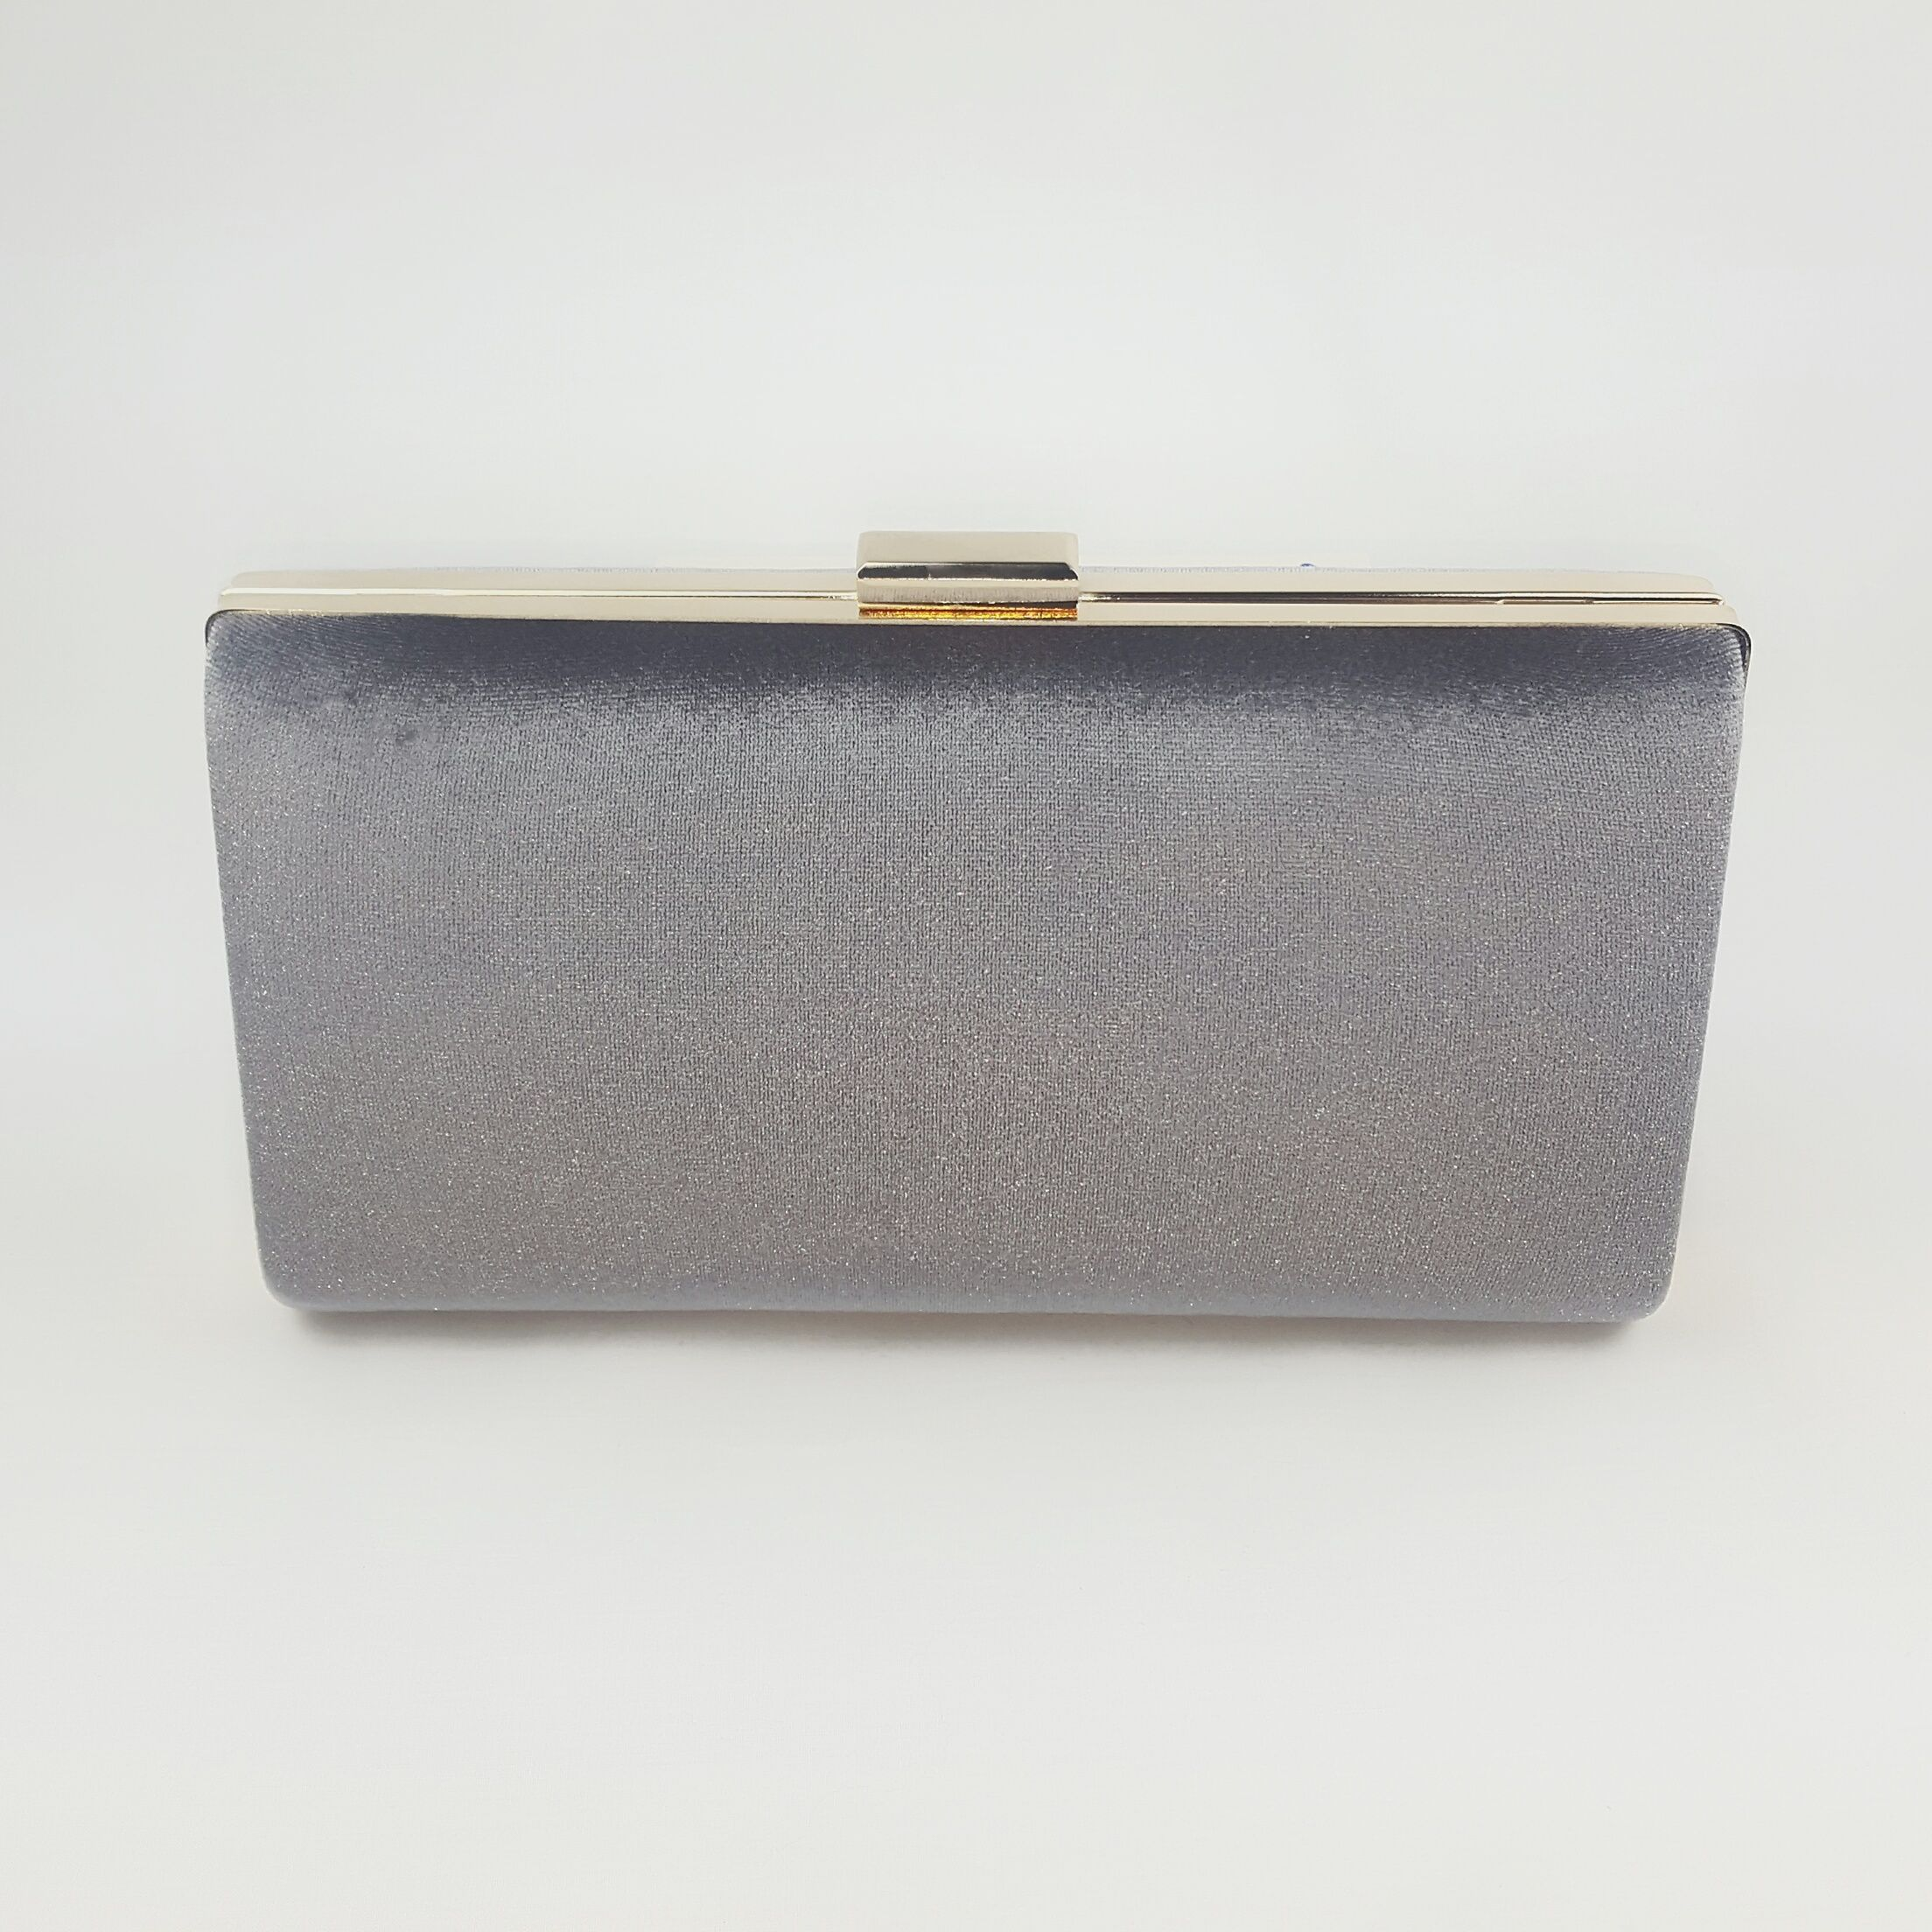 149a91361 Bolso de fiesta en terciopelo gris Cinturon Plateado, Cartera De Mano,  Bolsos Cartera,